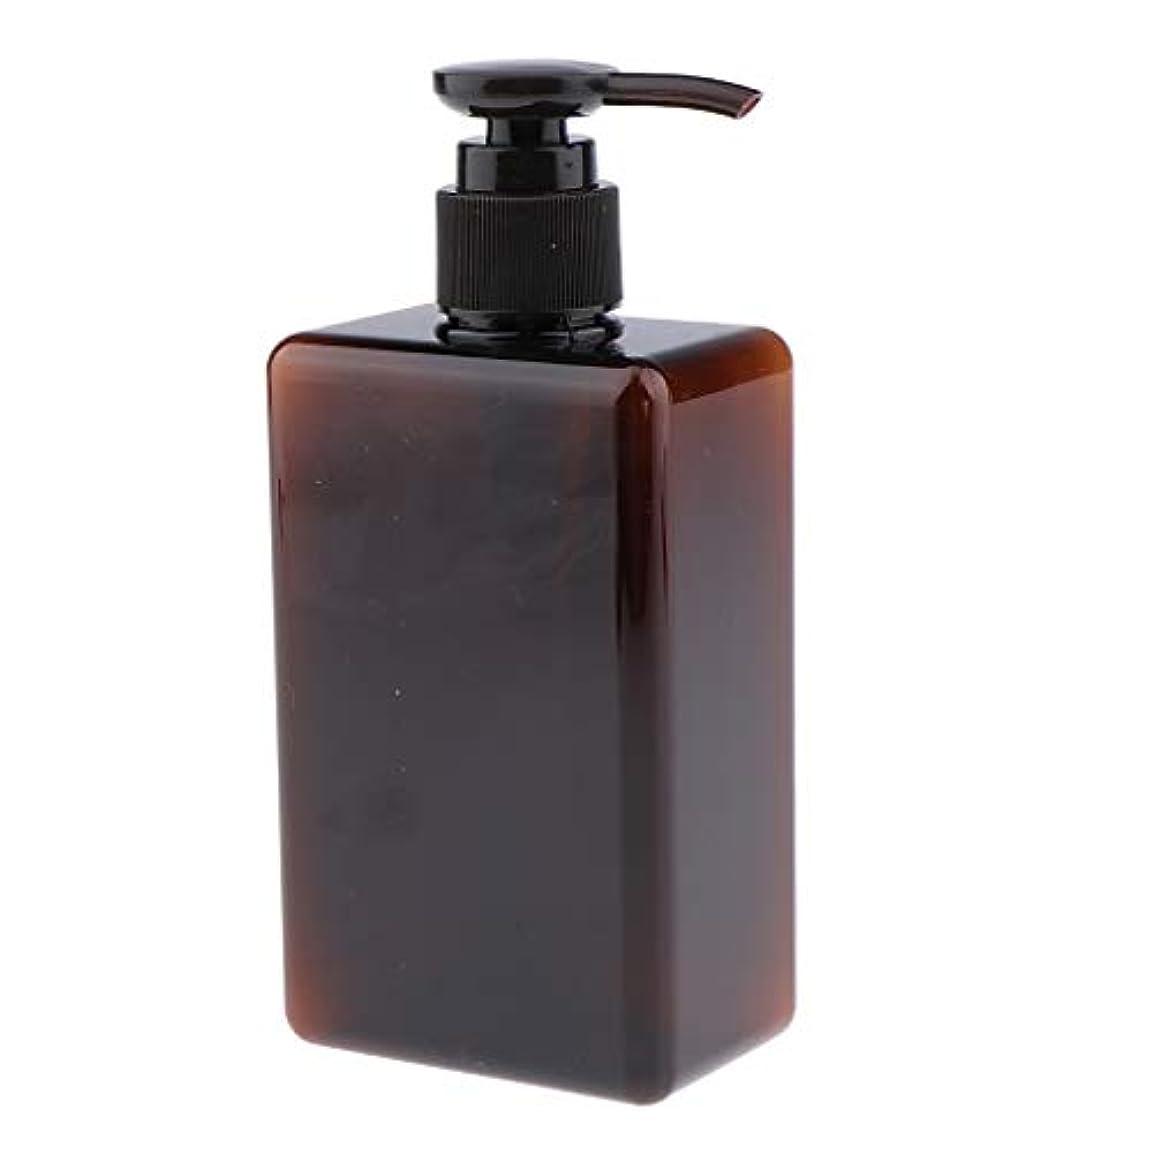 体現する嘆願空白280ml ポンプボトル 空ボトル 詰め替え容器 プラスチックボトル シャンプー 漏れ防止 全4色 - 褐色